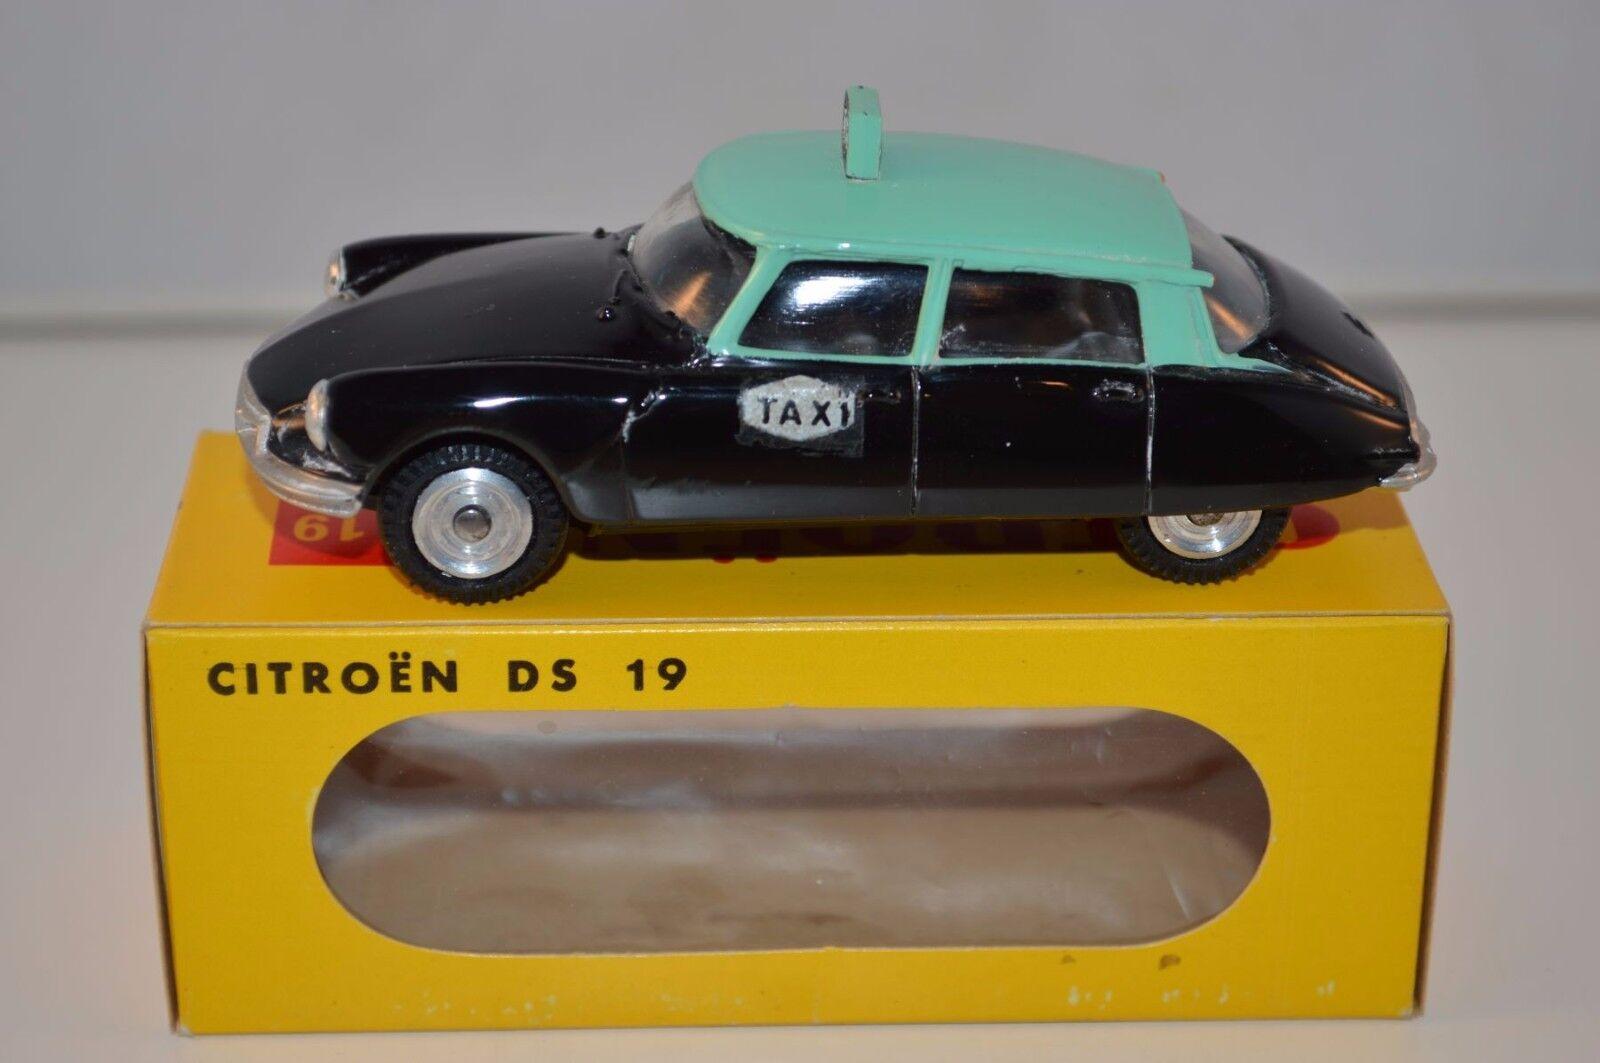 Metosul 20 Citroen DS 19 Taxi very very near mint in a super box